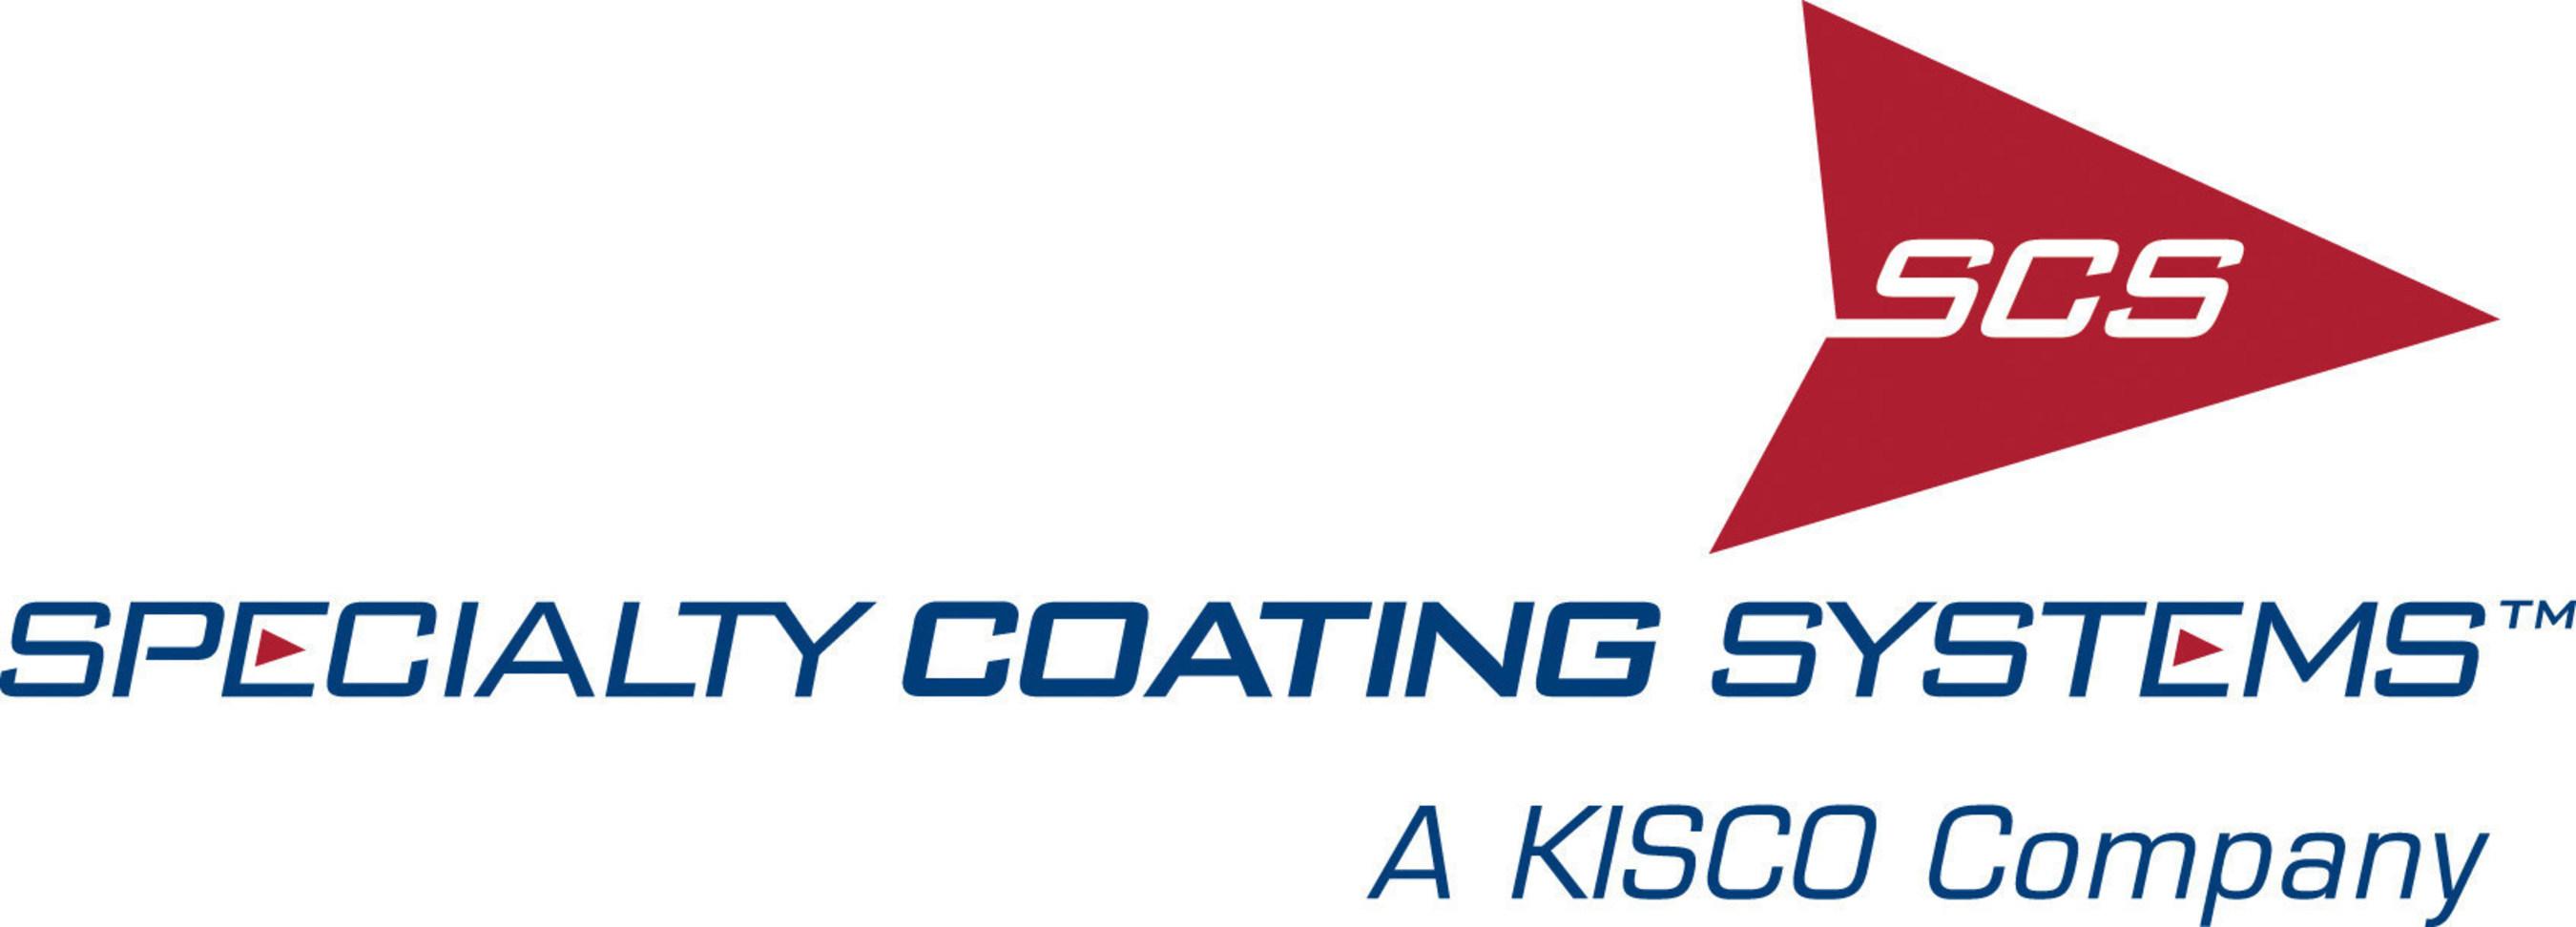 KISCO Ltd. gibt Erwerb von Specialty Coating Systems Inc. bekannt